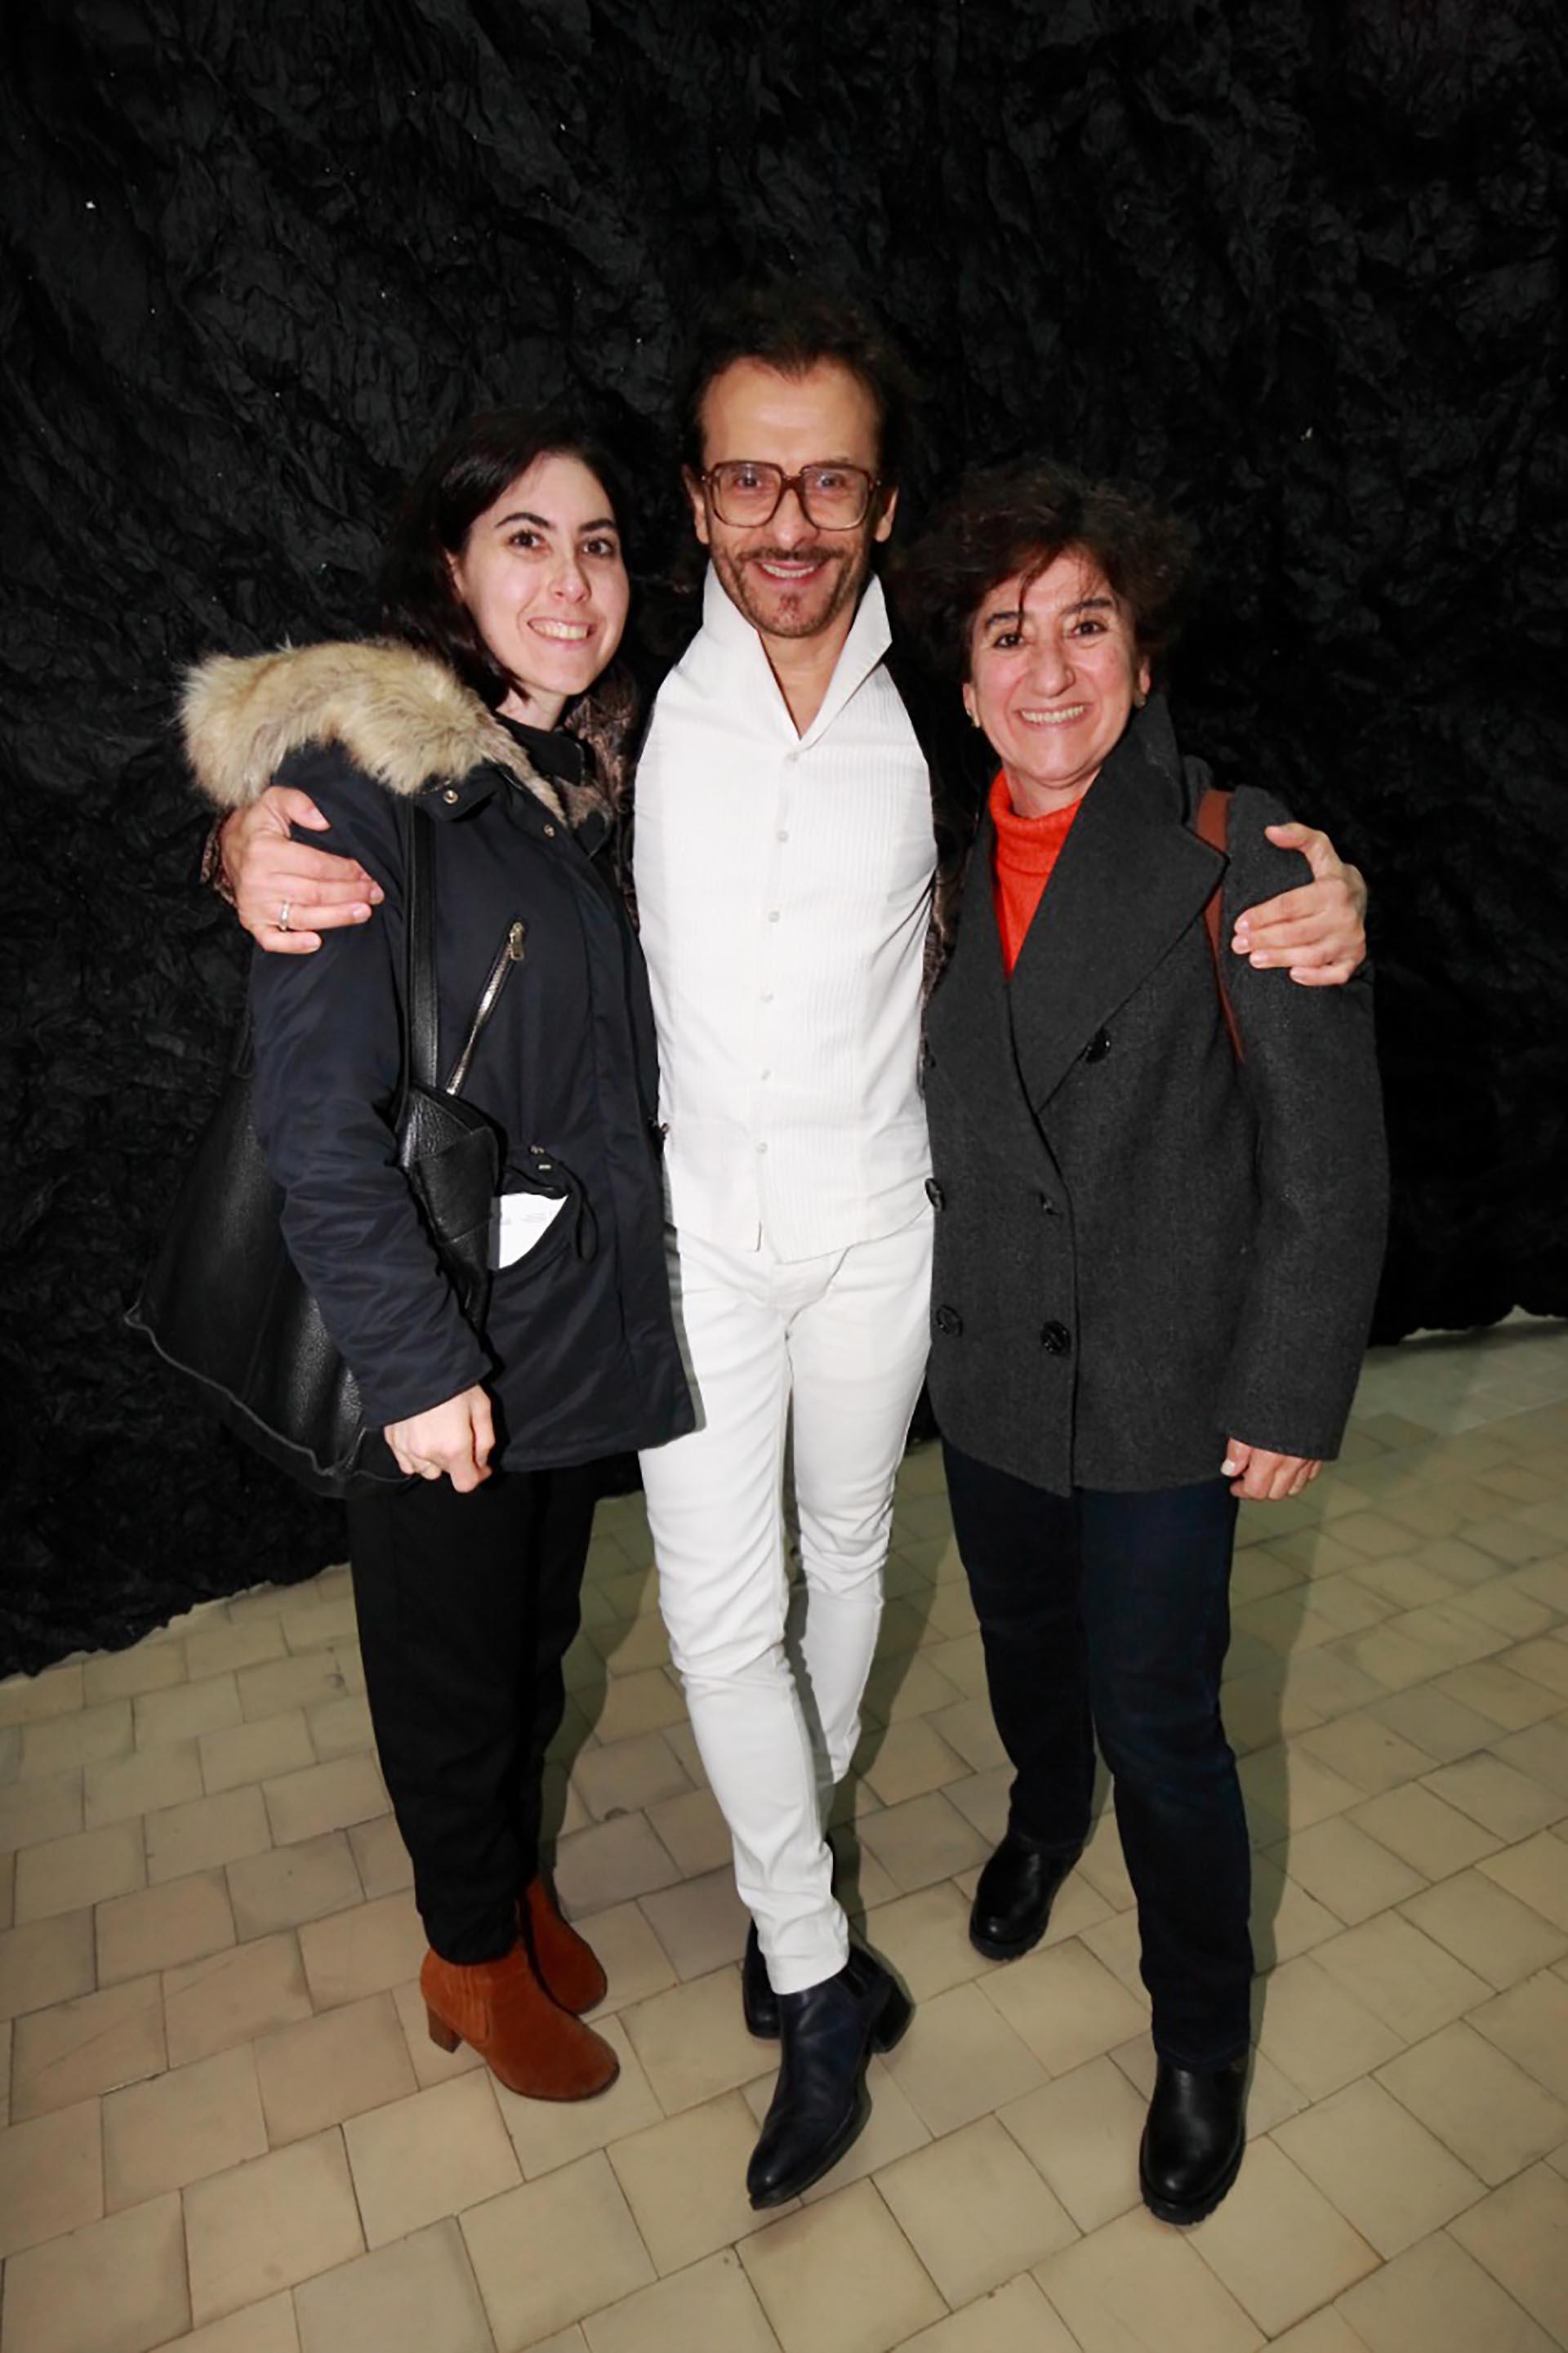 Los galeristas: Morita Bacal, Lorenzo Fiaschi, director italiano de la galería Continua y Orly Benzacar de Ruth Benzacar.